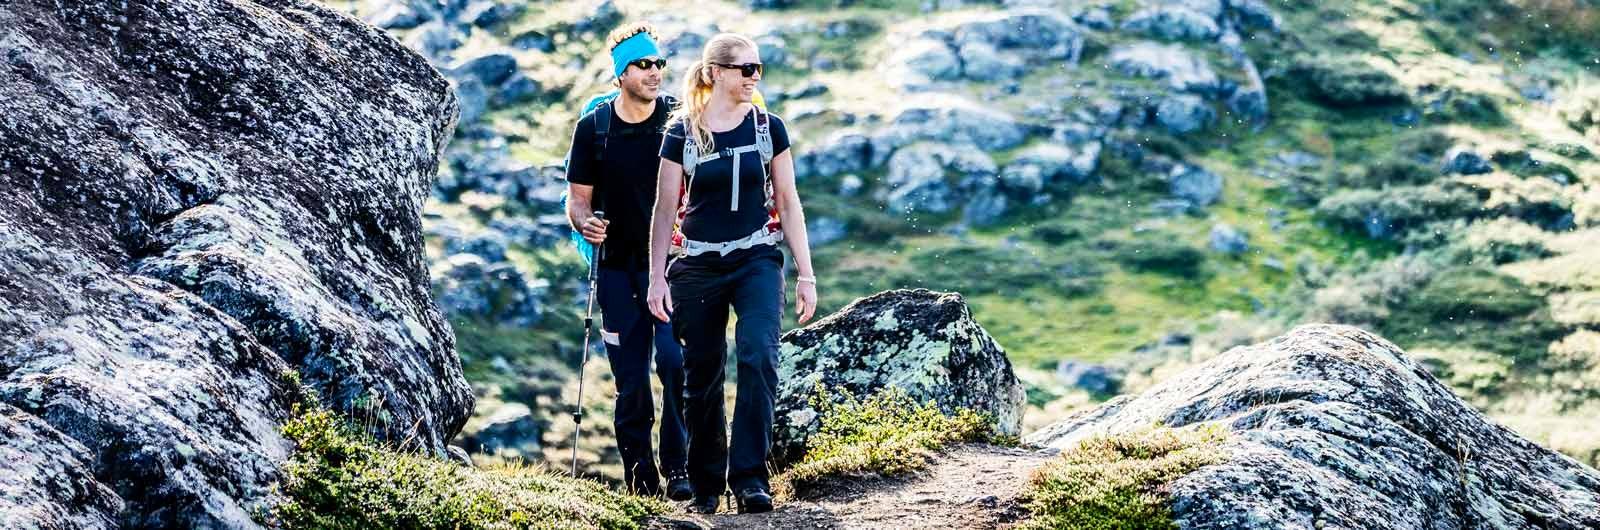 Vuxna vandrare i t-shirt på Kungsleden